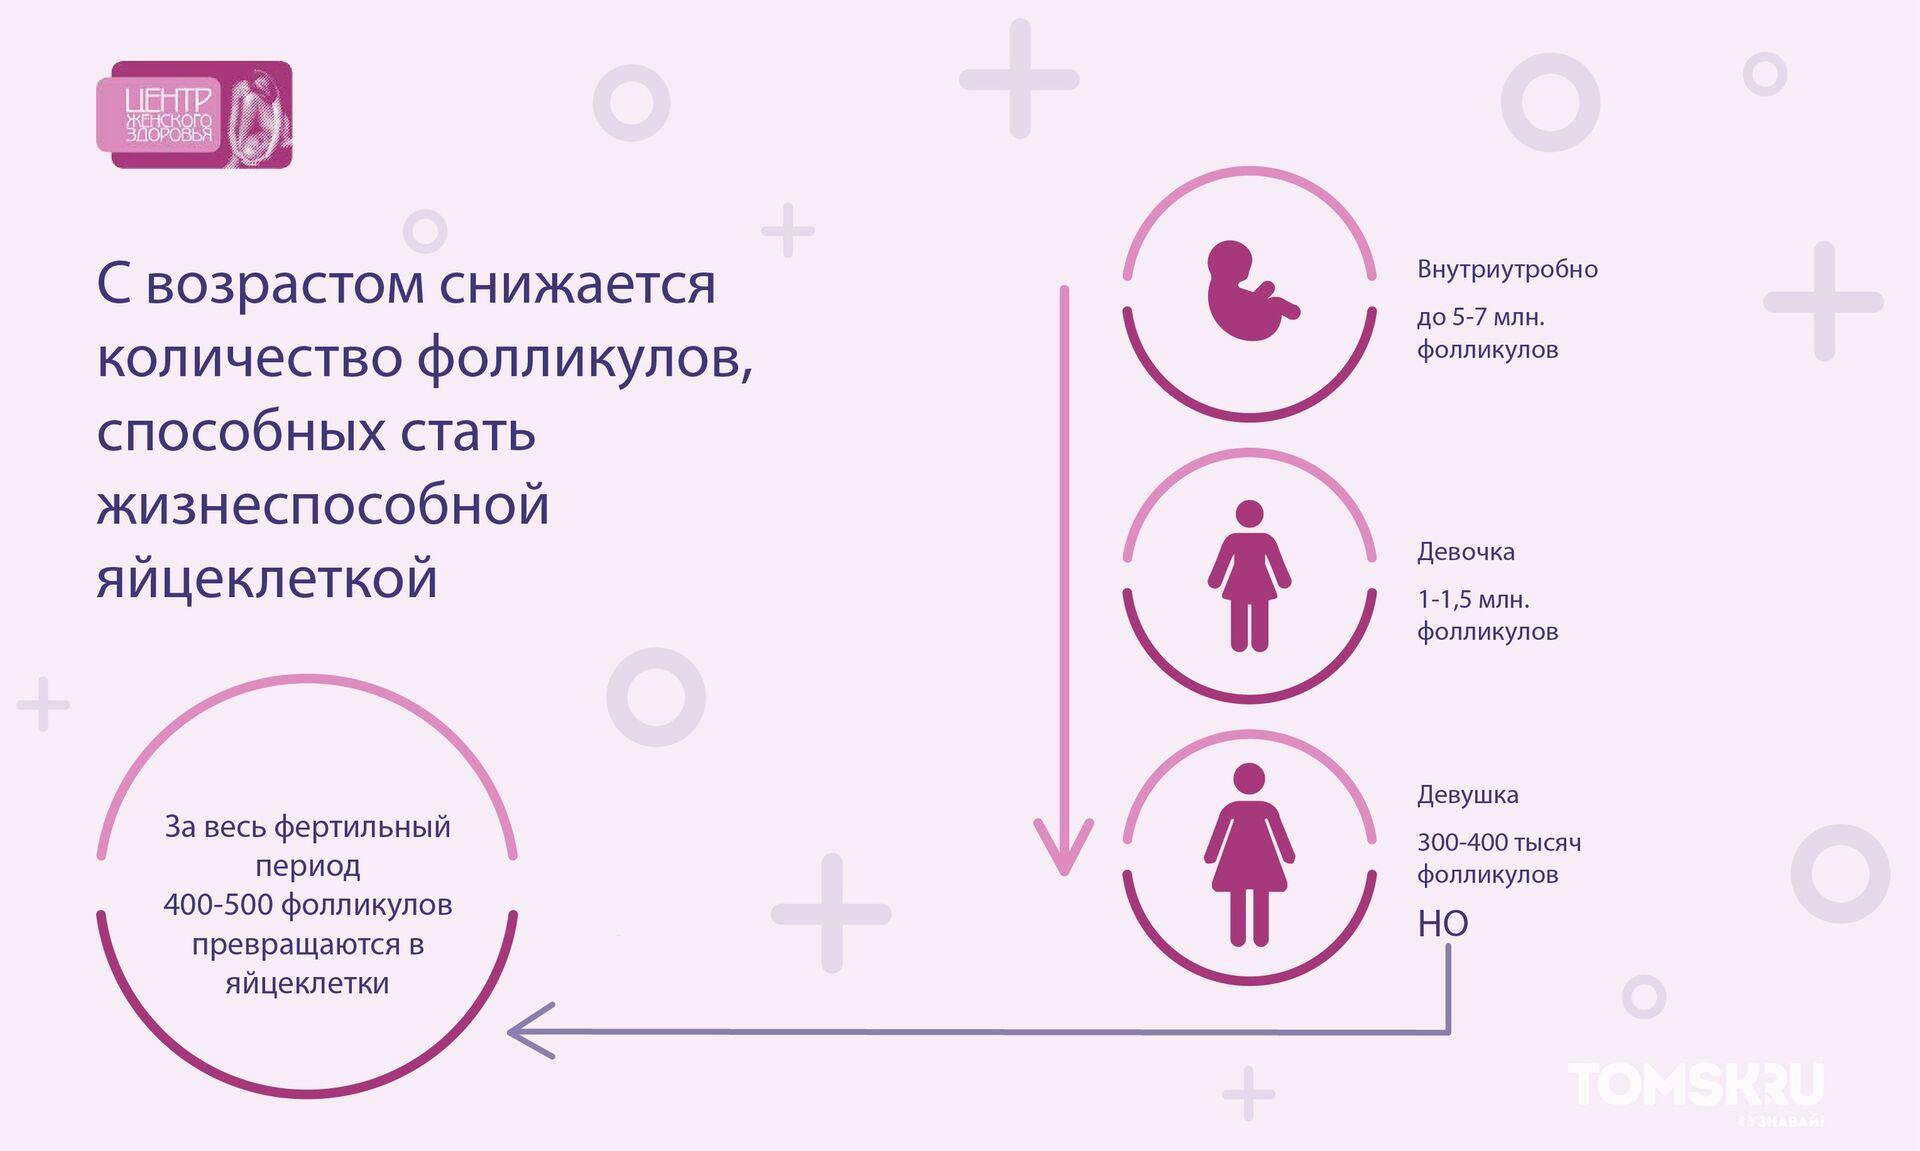 Какие анализы нужно сдать при планировании беременности: что обязательно надо сдавать женщине и мужчине перед подготовкой к зачатию ребенка